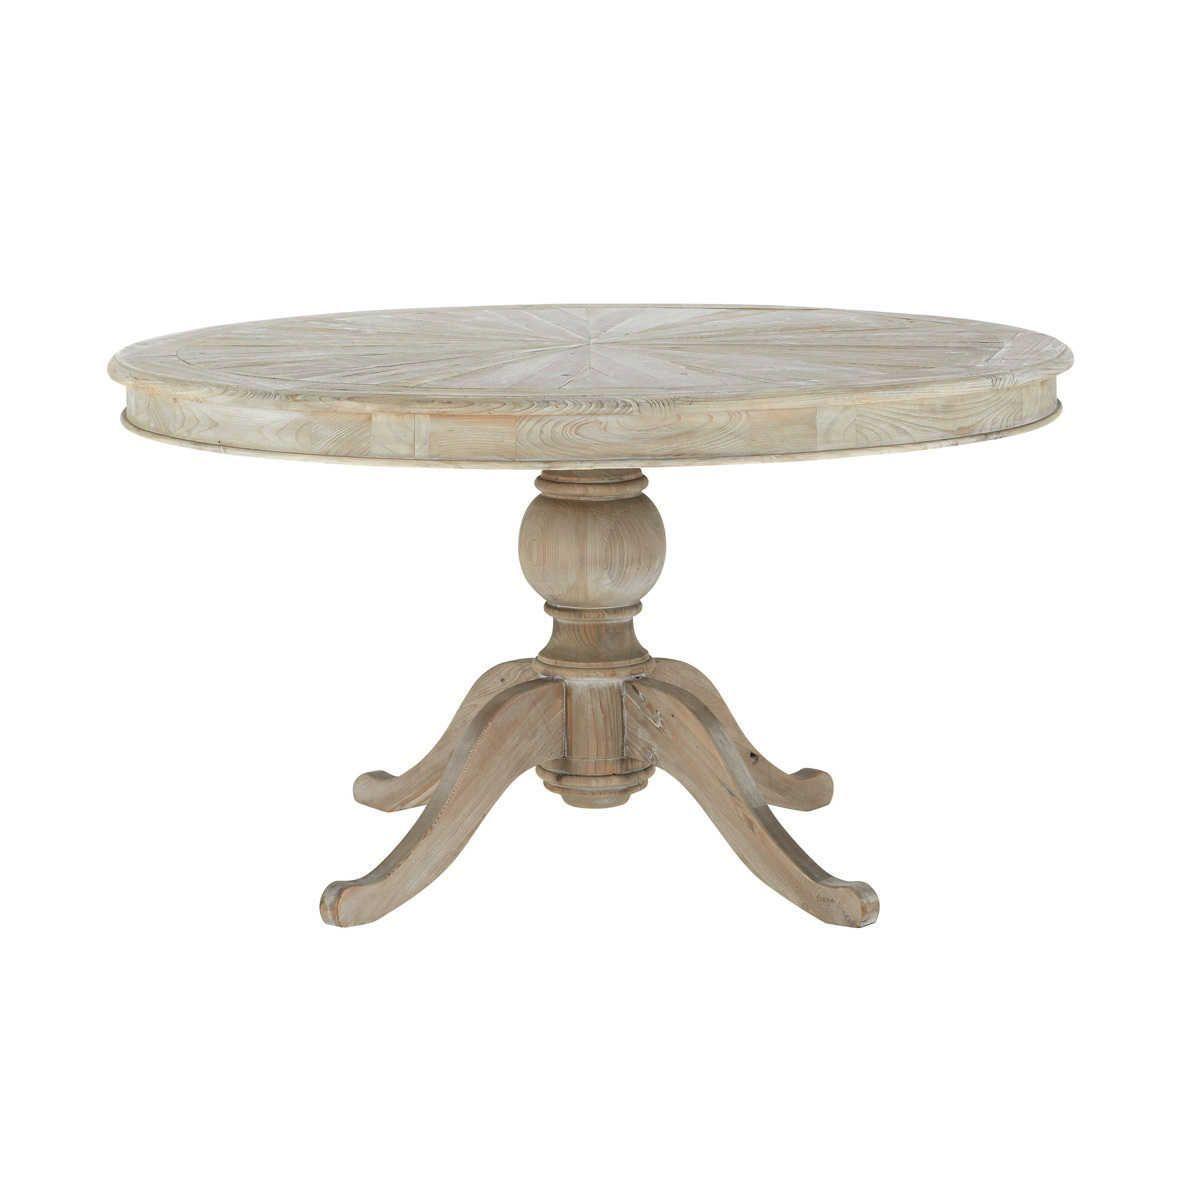 Round wooden dining table D 140cm | Maisons du Monde - - # ...